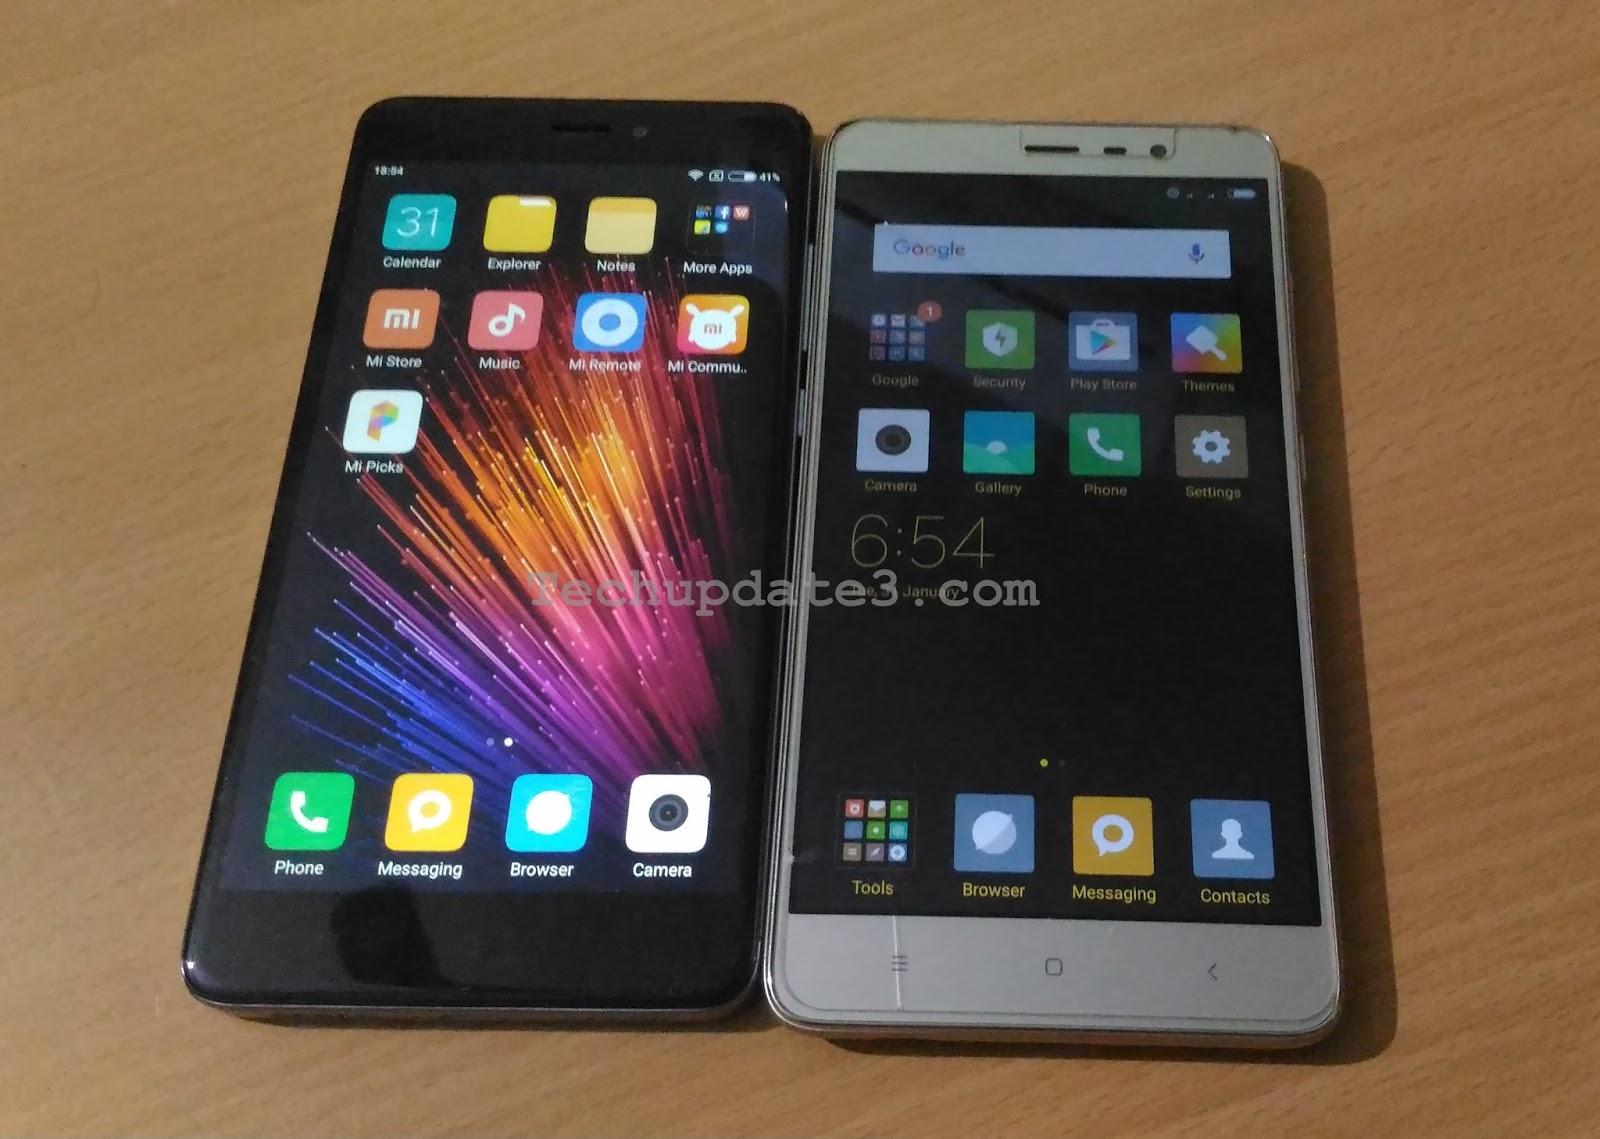 Tempat Jual Xiaomi Redmi Note 4 Snapdragon Smartphone Gold 32gb 3gb Aigner A17213 Belluno Coklat 625 Vs 3 Tech Camera Both Phones